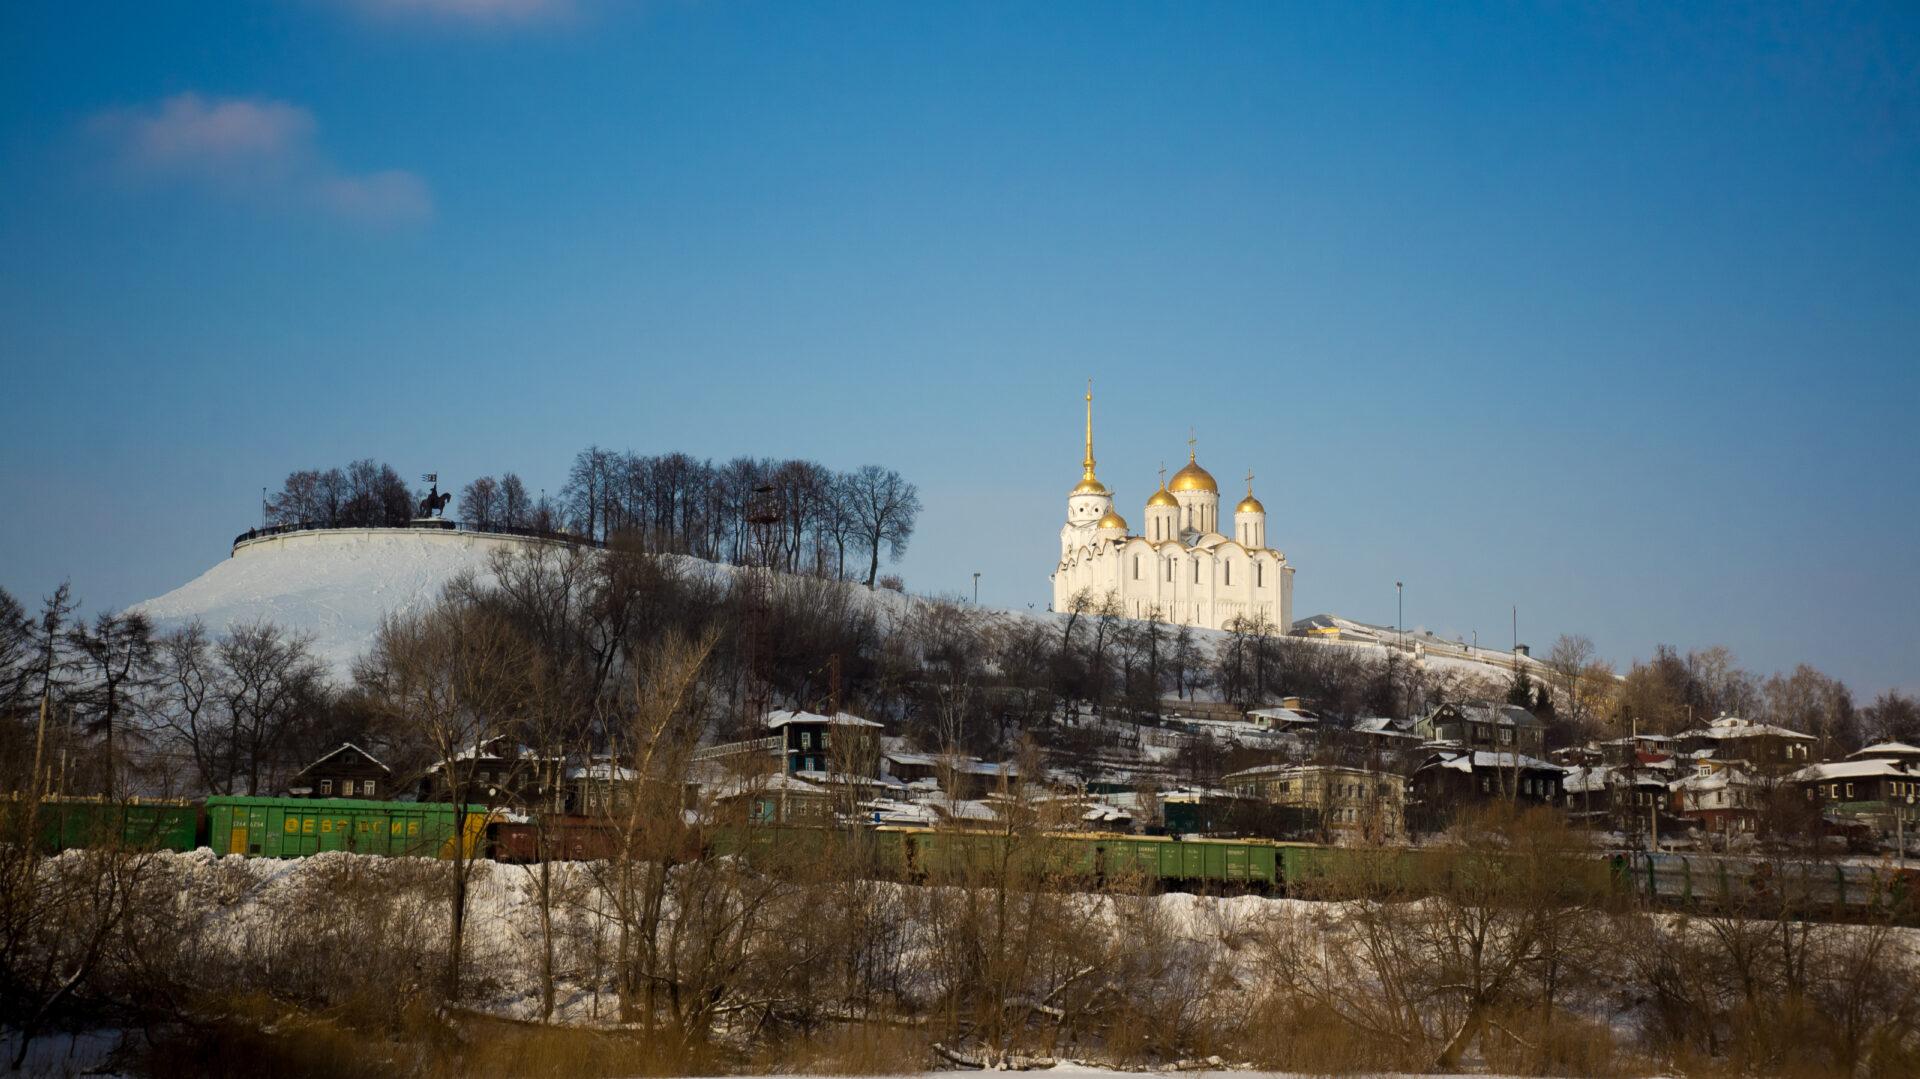 Г.Владимир часть 2 (фото Рудь Николай Н.)